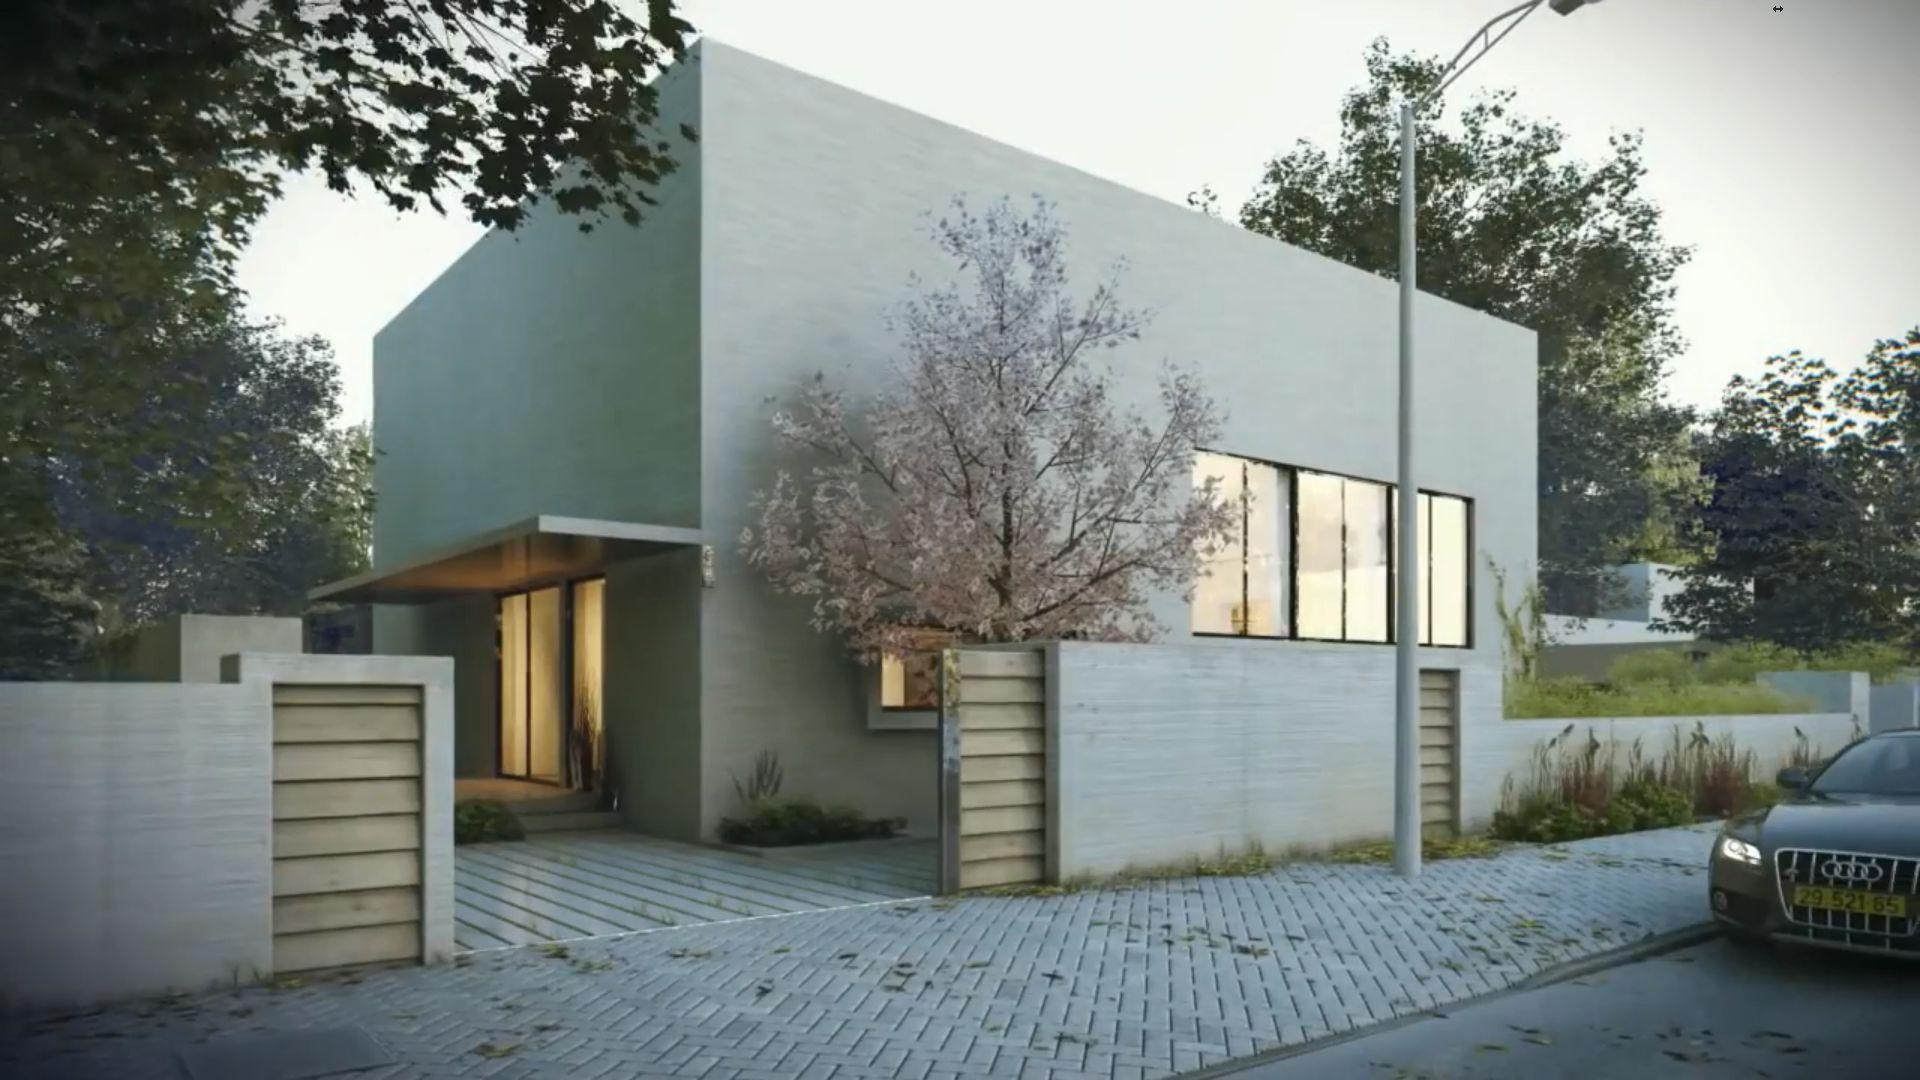 Strona główna projektowanie wnętrz i budynków - Enegram Wyszków